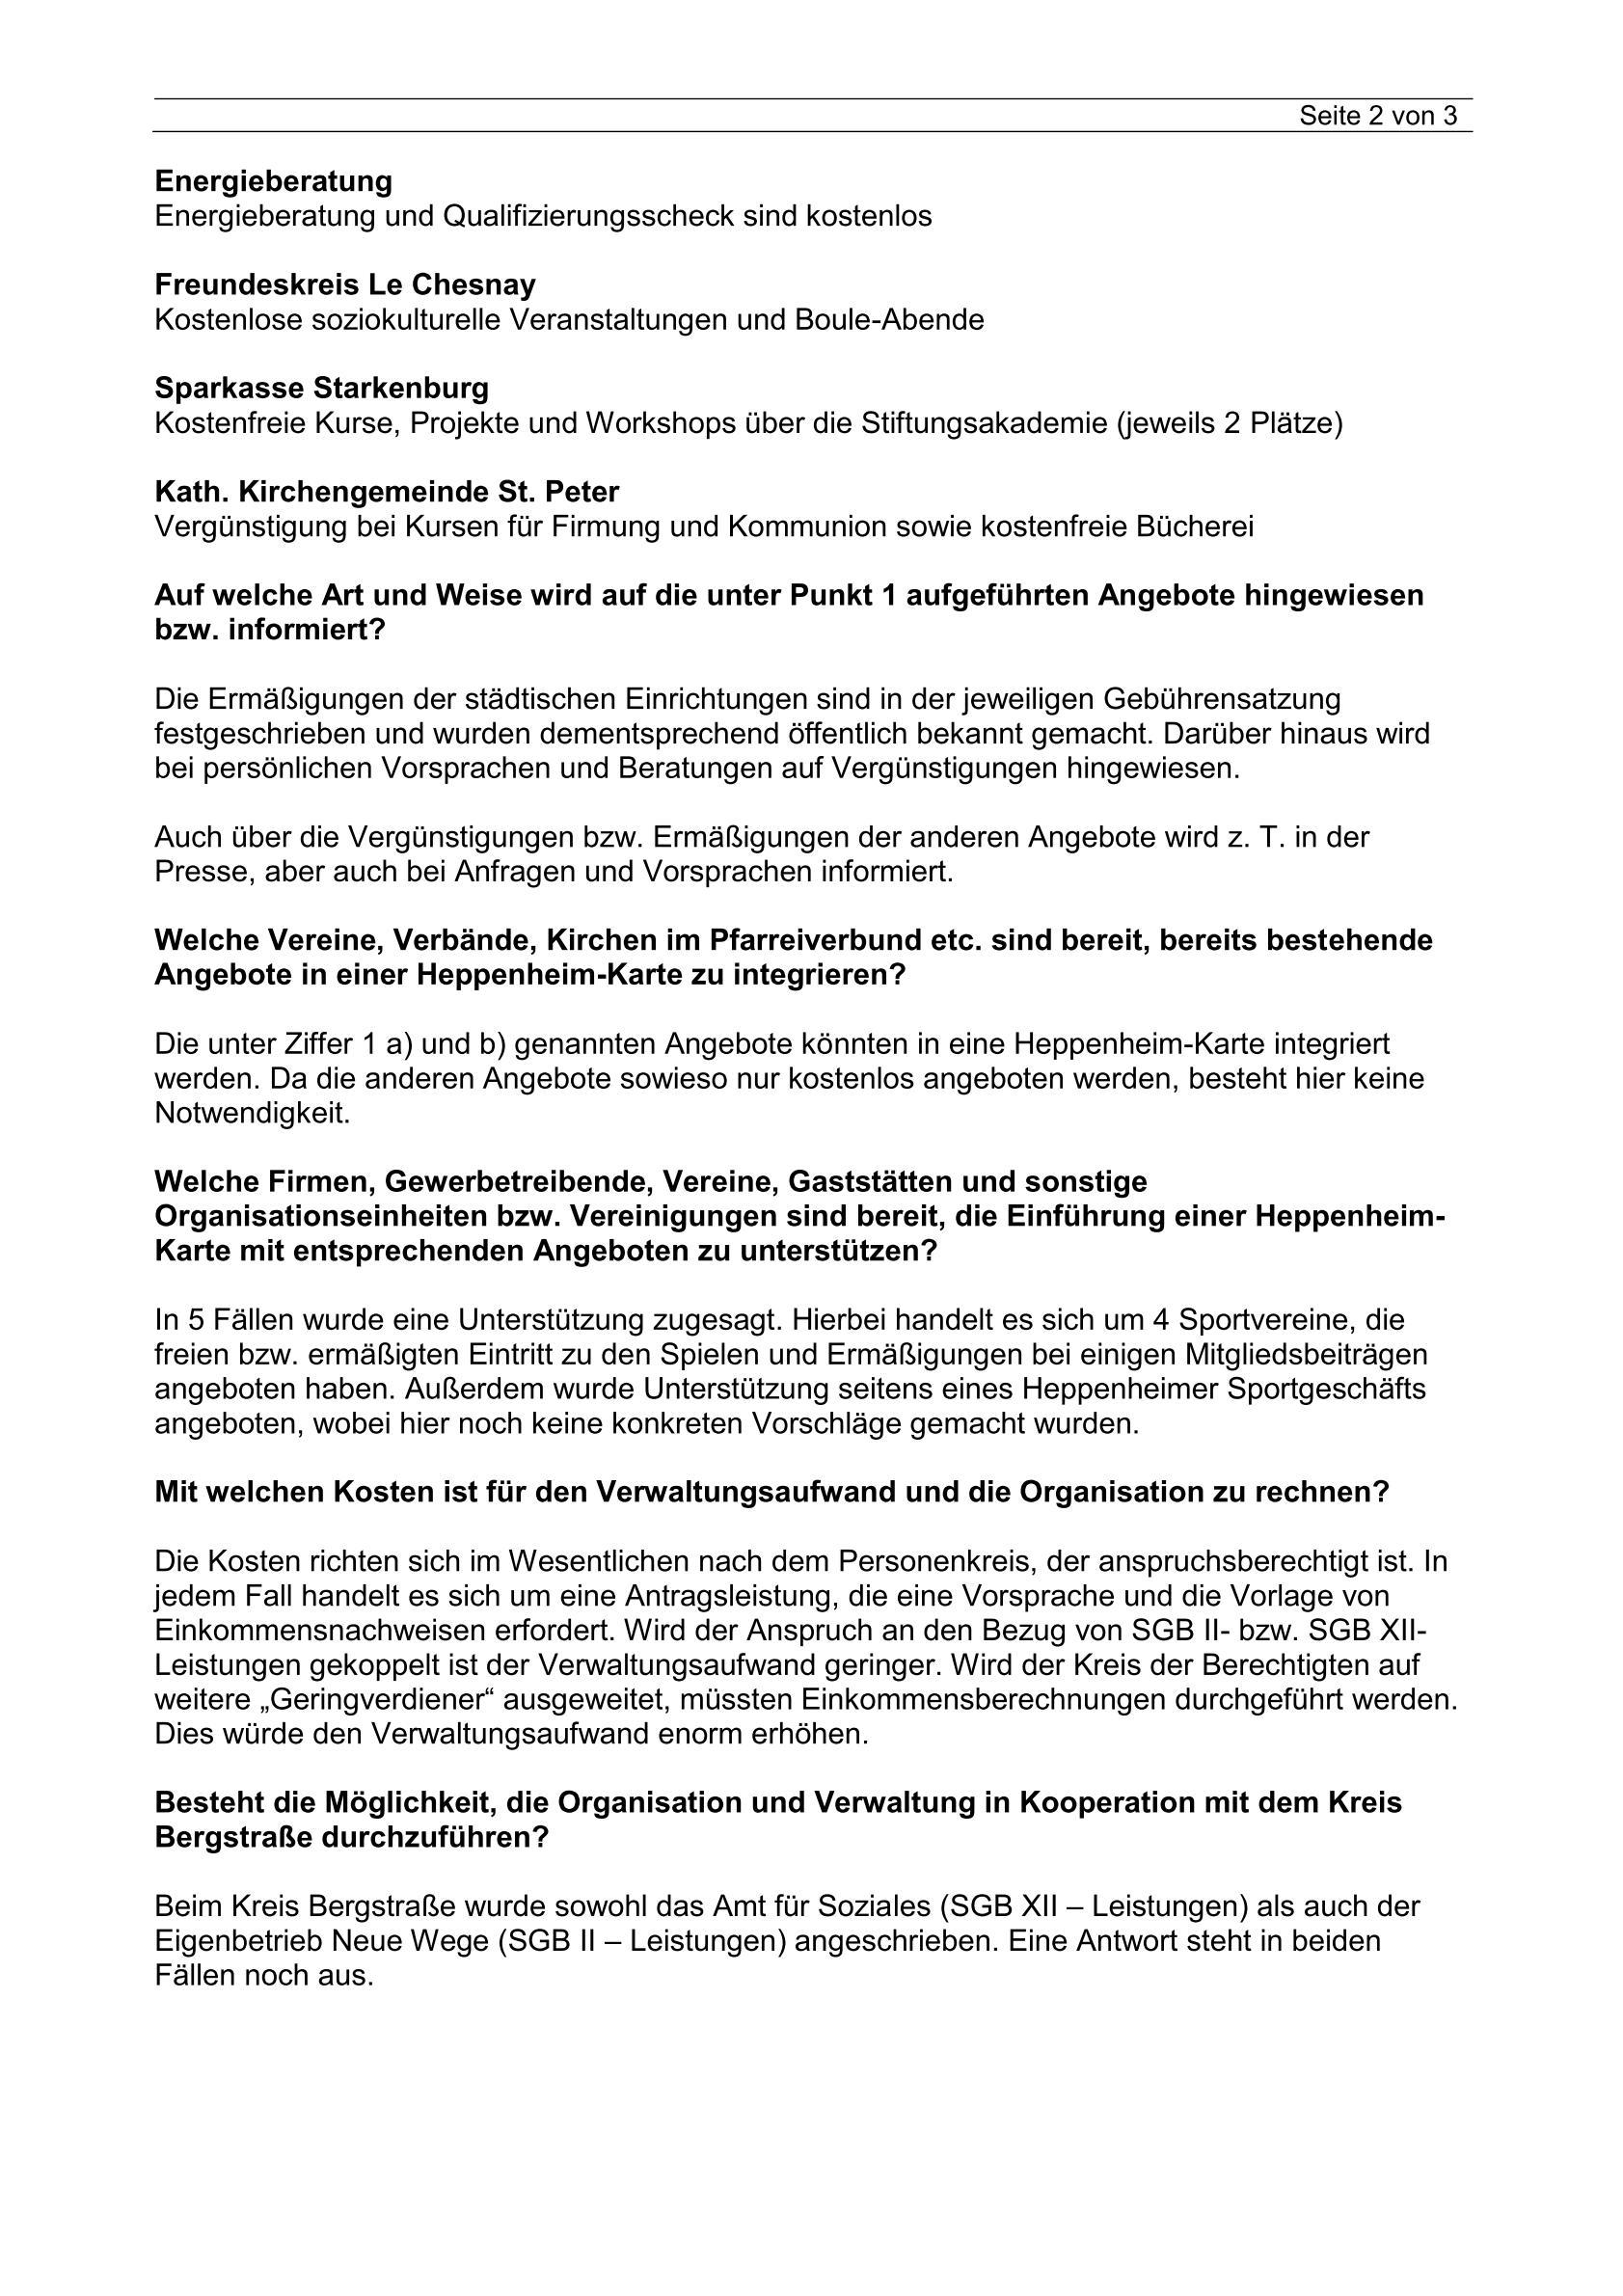 Wie gehts weiter mit dem Projekt Heppenheim – Karte_Bürgermeister ...